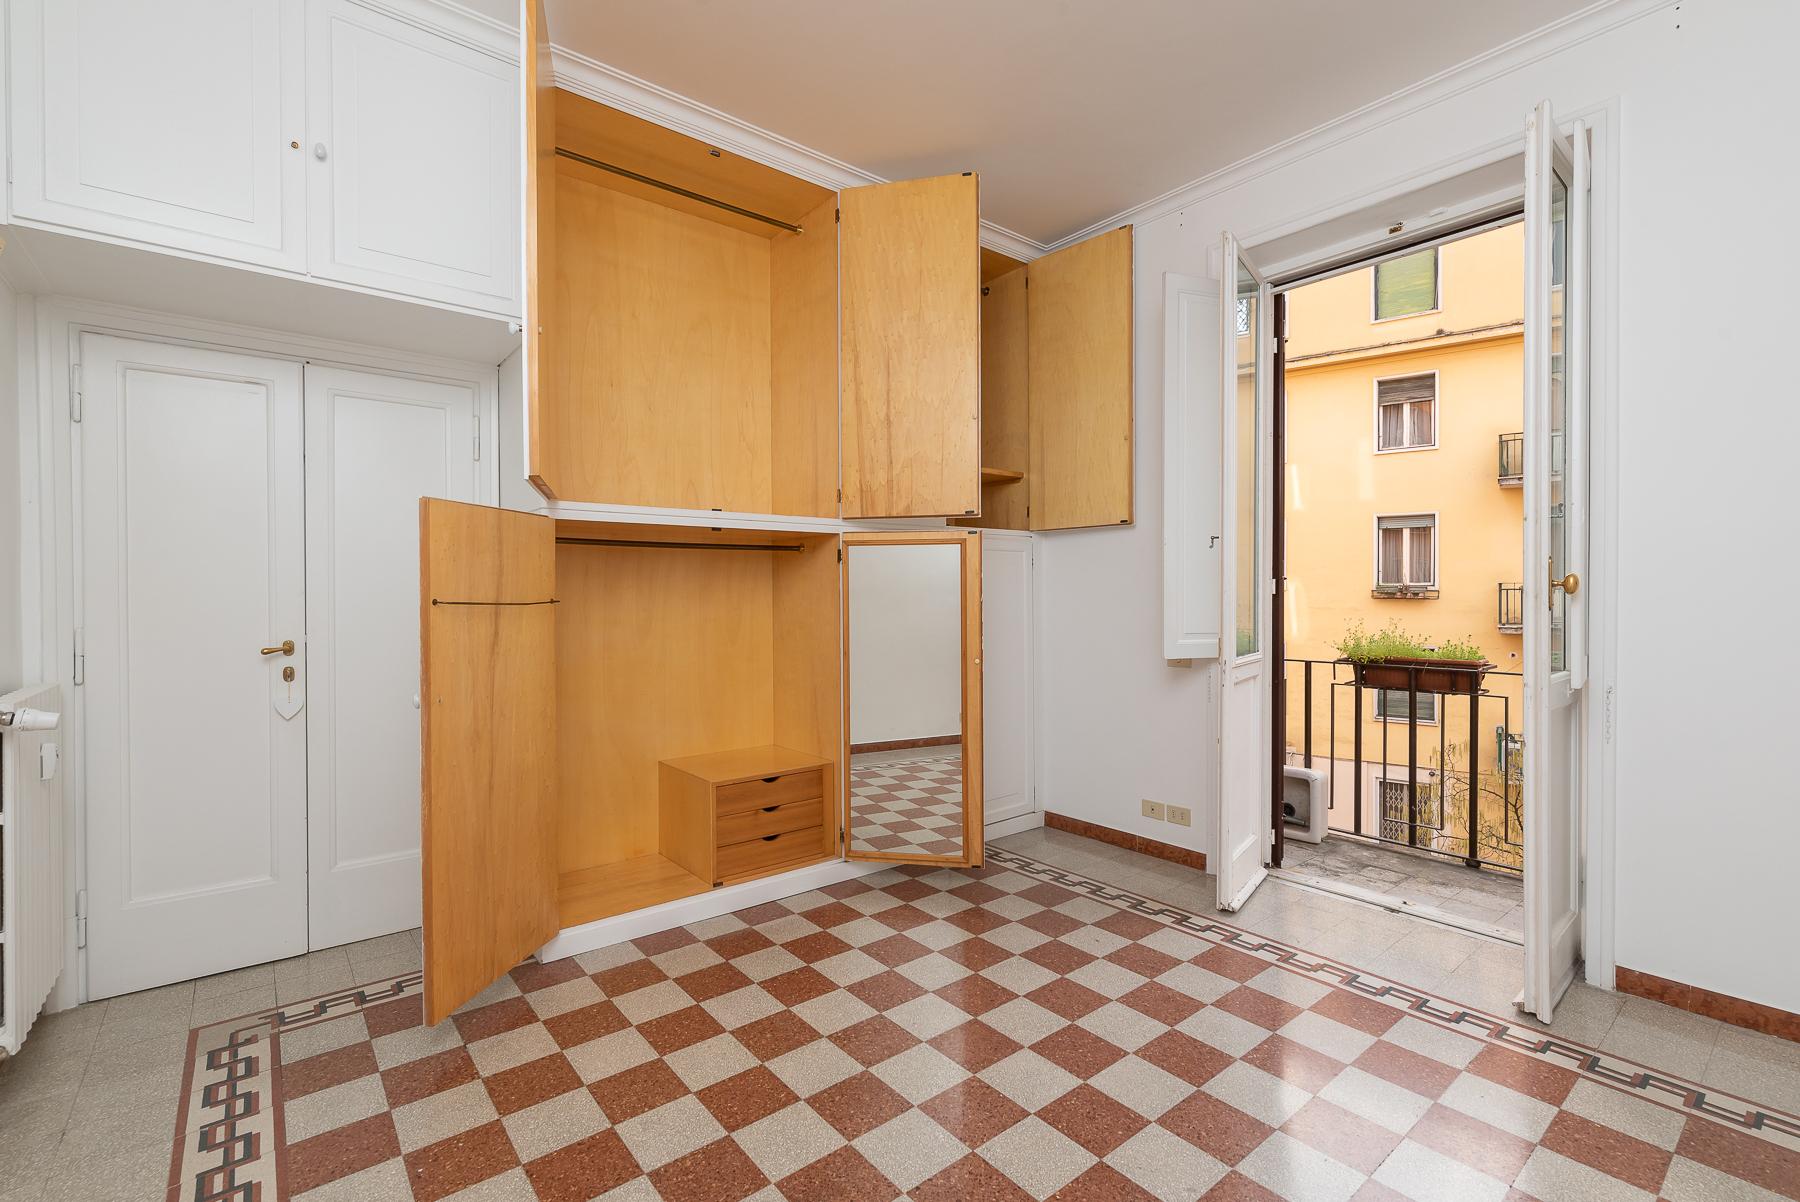 Appartamento in Vendita a Roma: 5 locali, 126 mq - Foto 17